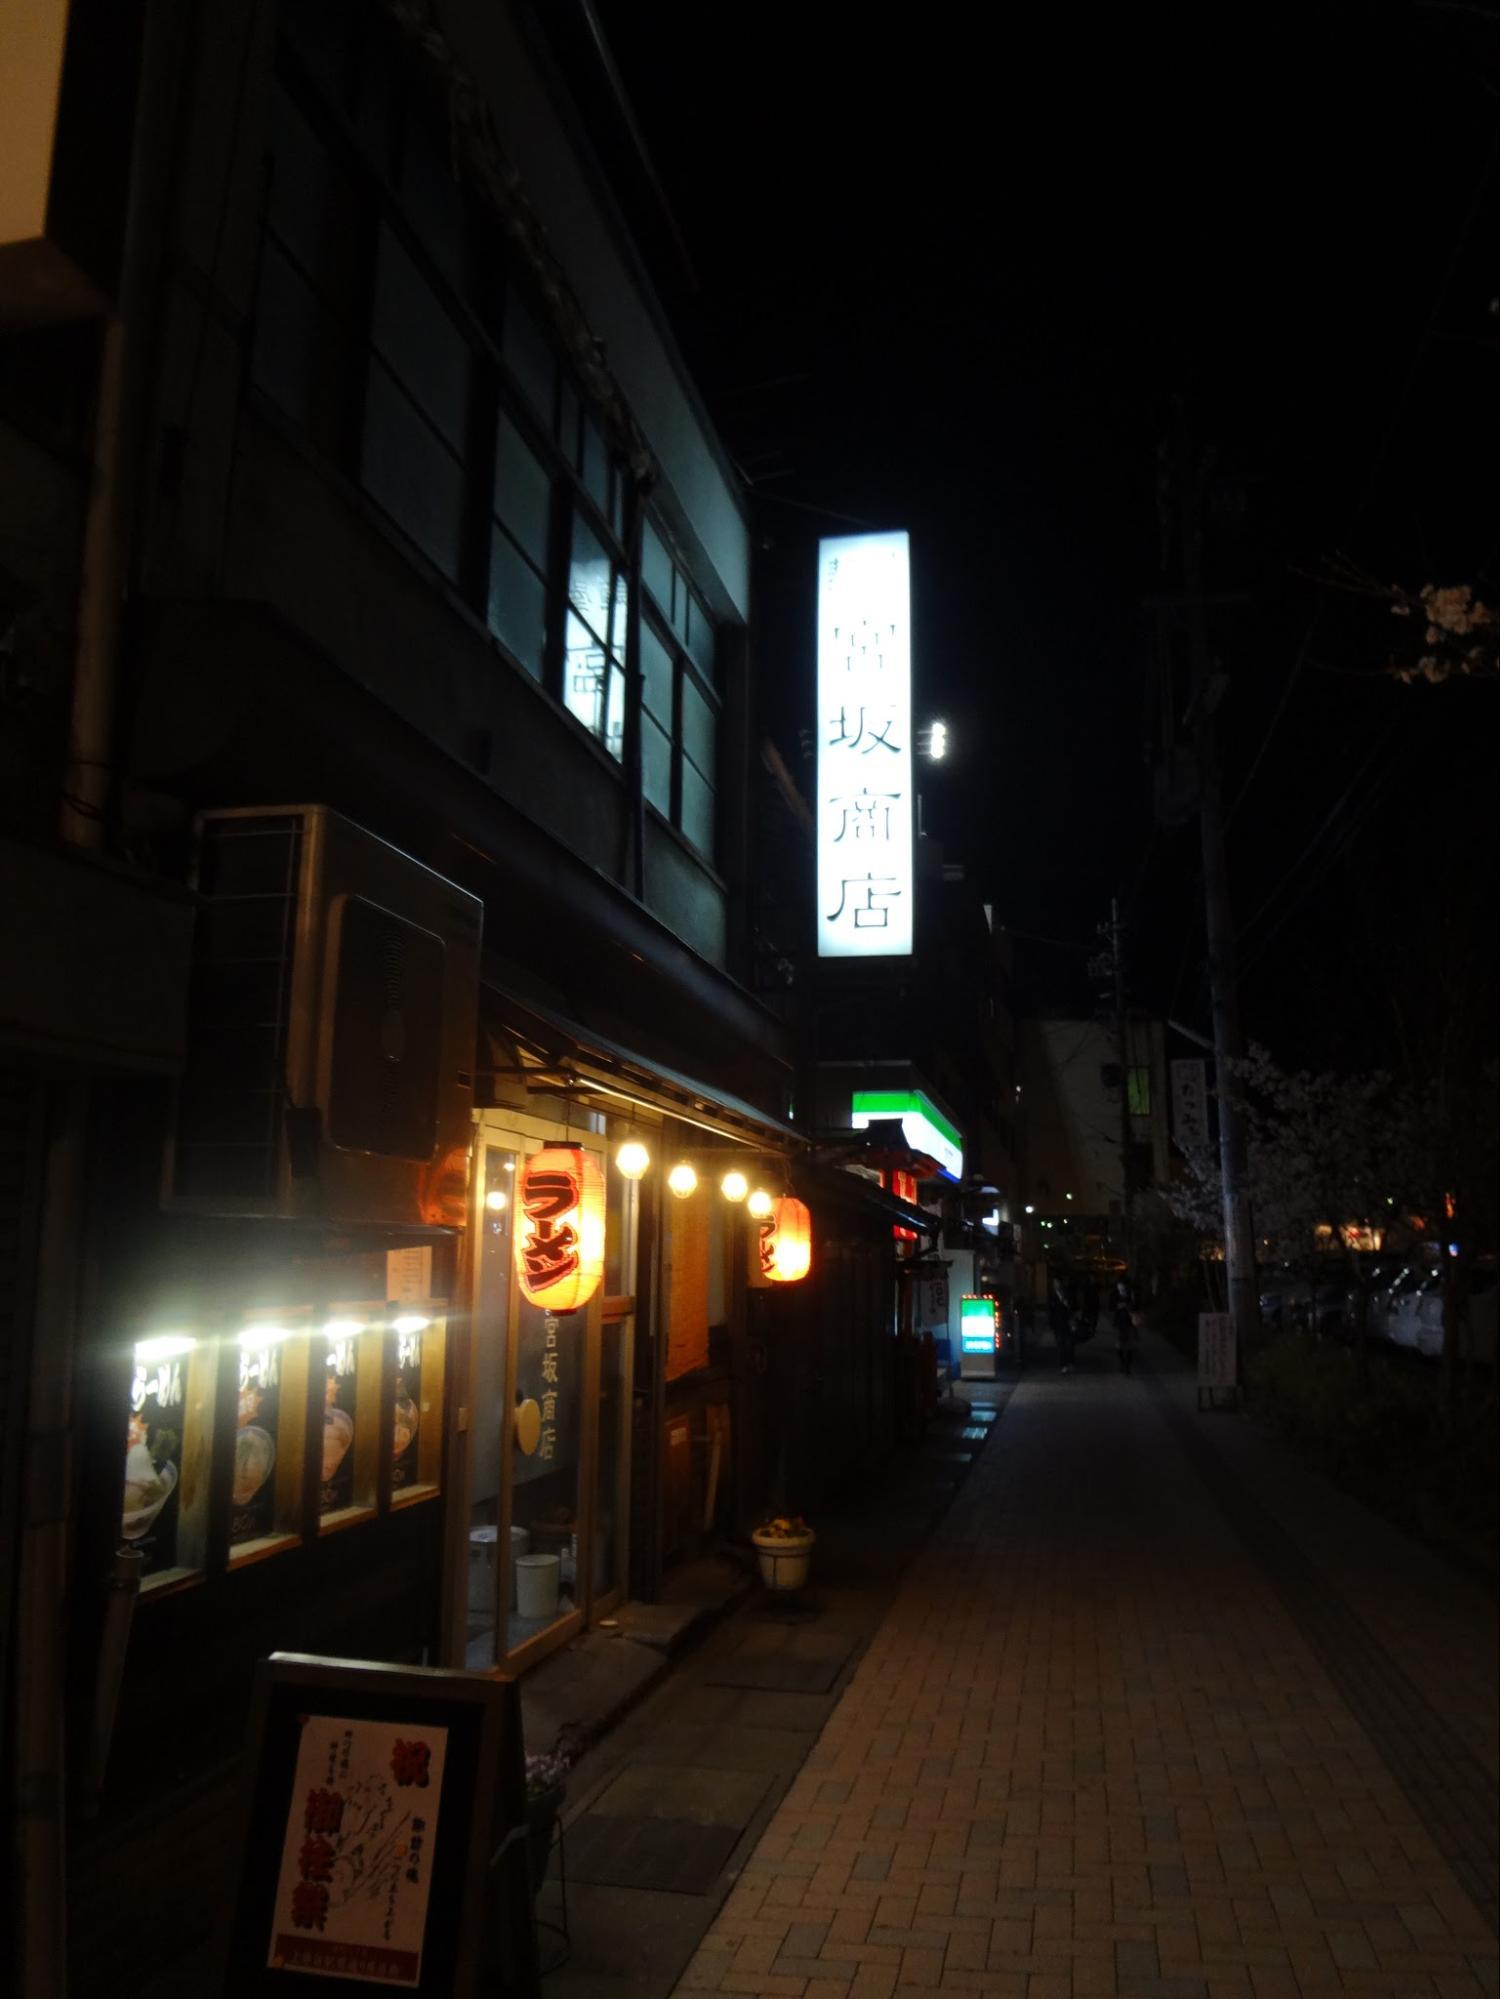 御柱祭のついでに長野の私鉄に乗ってきた ~3日目「御柱祭>長野電鉄」~